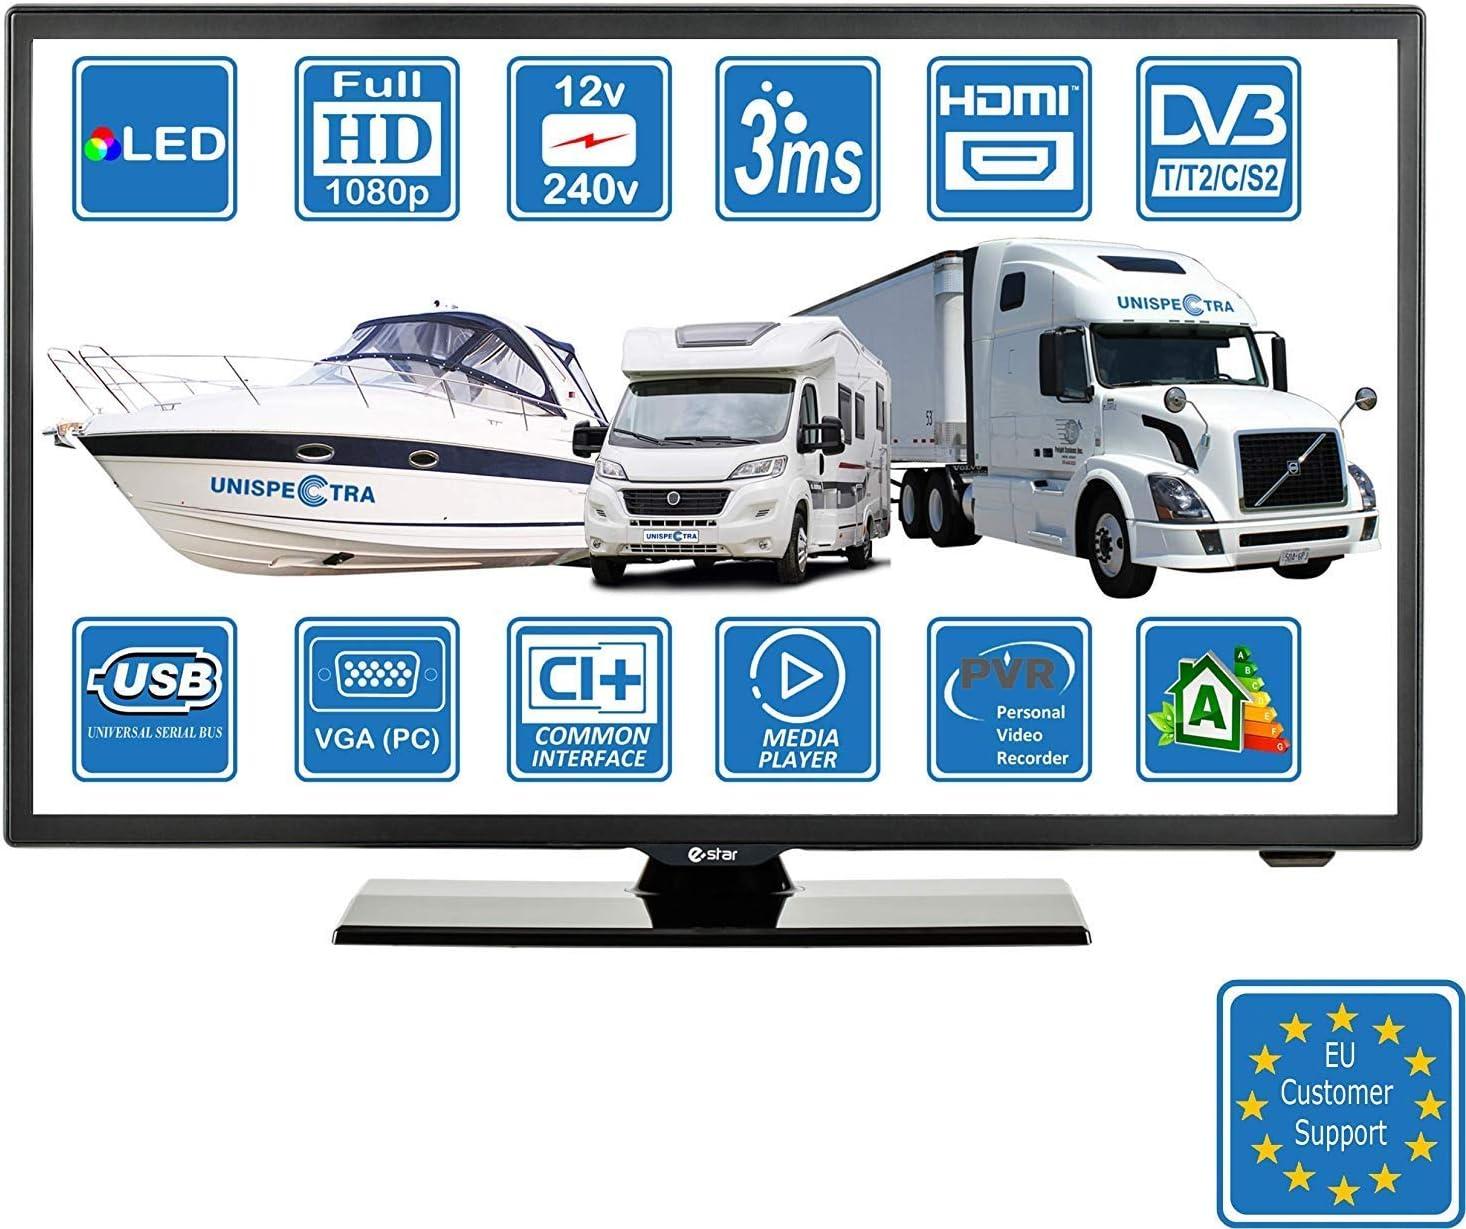 Wohnmobile Wohnwagen Camping Boot 8 Volt 8 Zoll 8 cm LED Digitales Full  HD Fernseher DVB-T8/C/S8 TV, Kabel, Satellit TV. 8V 830V USB PVR &